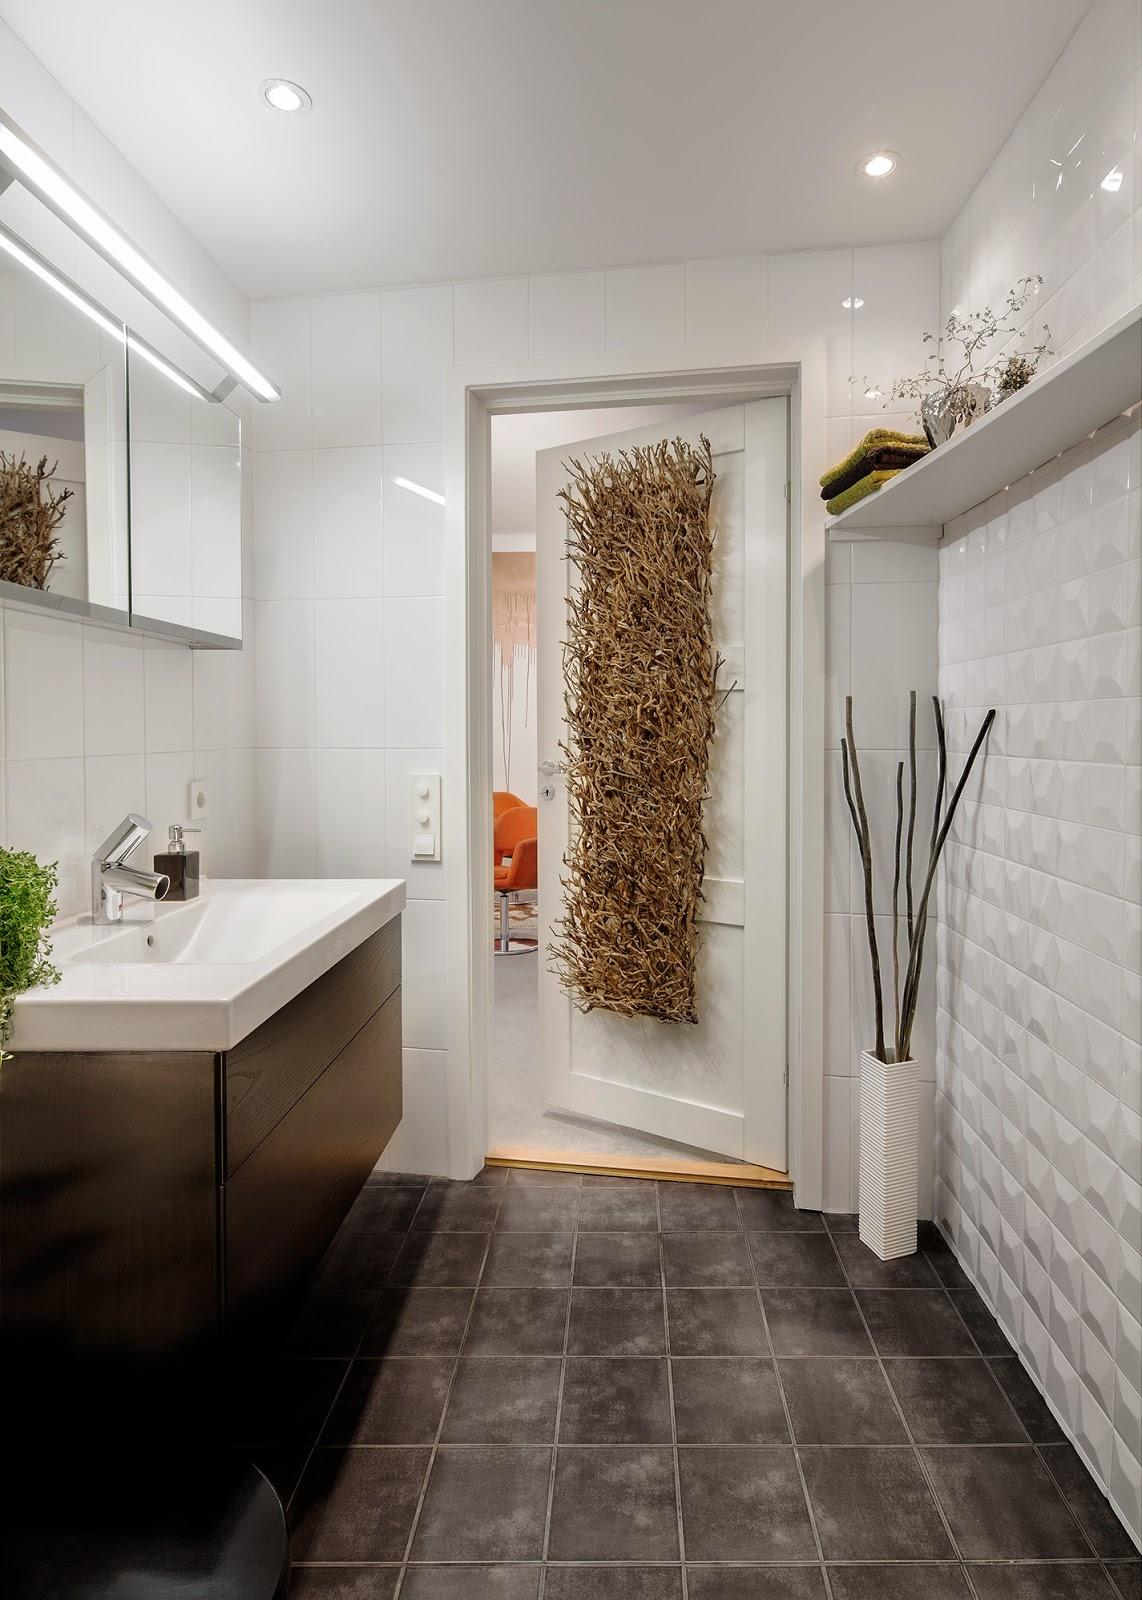 ... i badrummet blir plattorna 20 20 med 10 10 i duschen och i andra  toaletten blir golvet lagt i plattor 10 10. Det blir ett brunt golv från  konradssons c0d6a38e95d4b